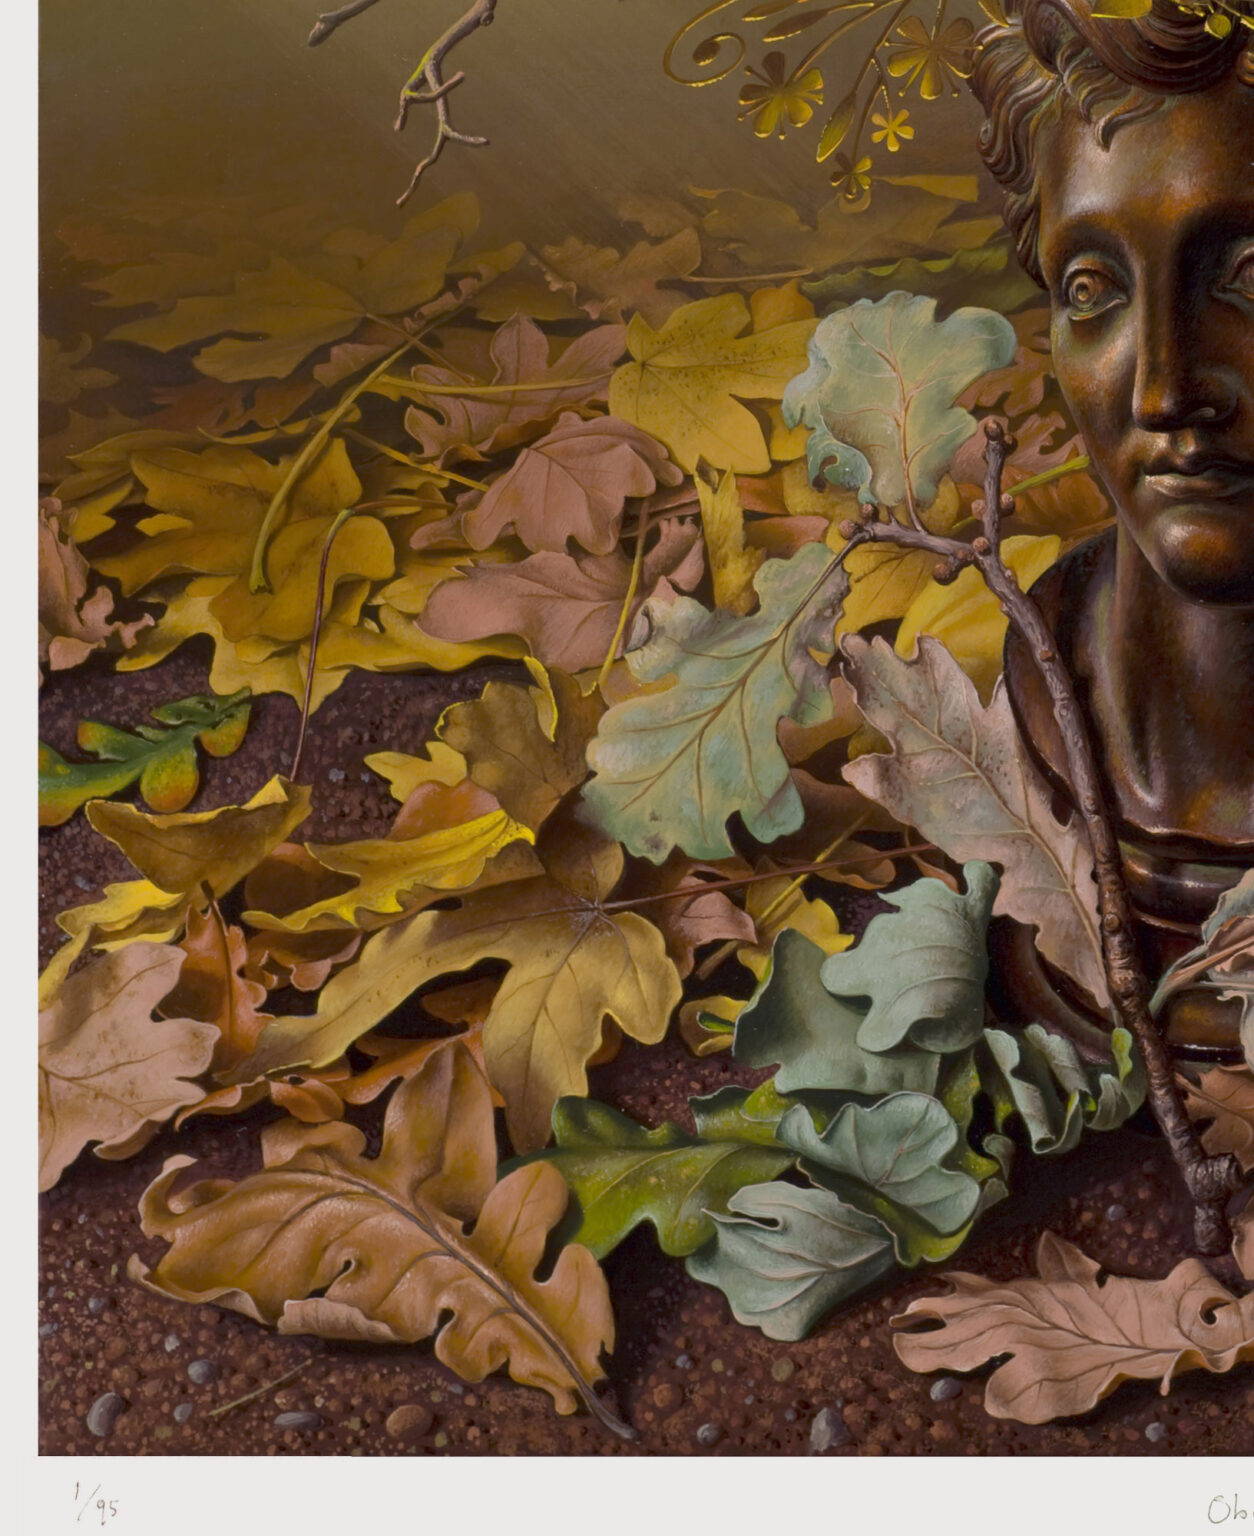 OBERON-giclee-print-detail 4-Miriam-Escofet